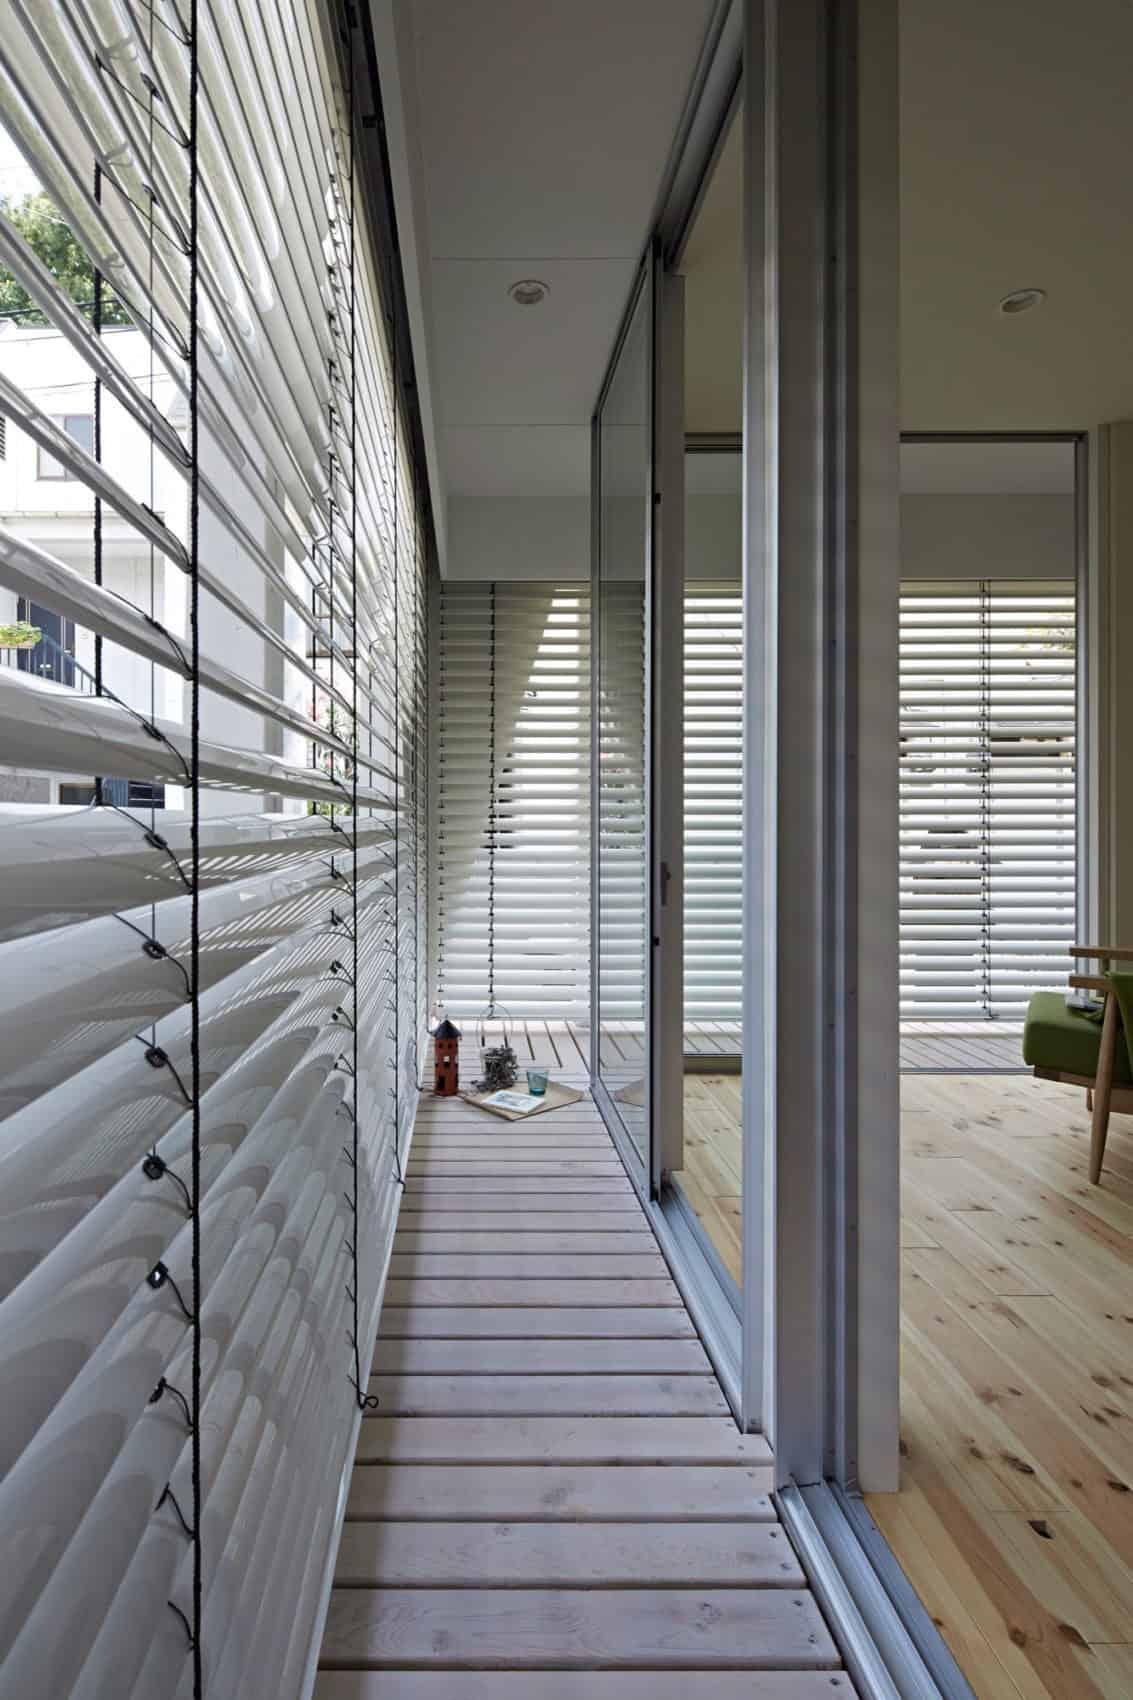 EN House by Meguro Architecture Laboratory (5)